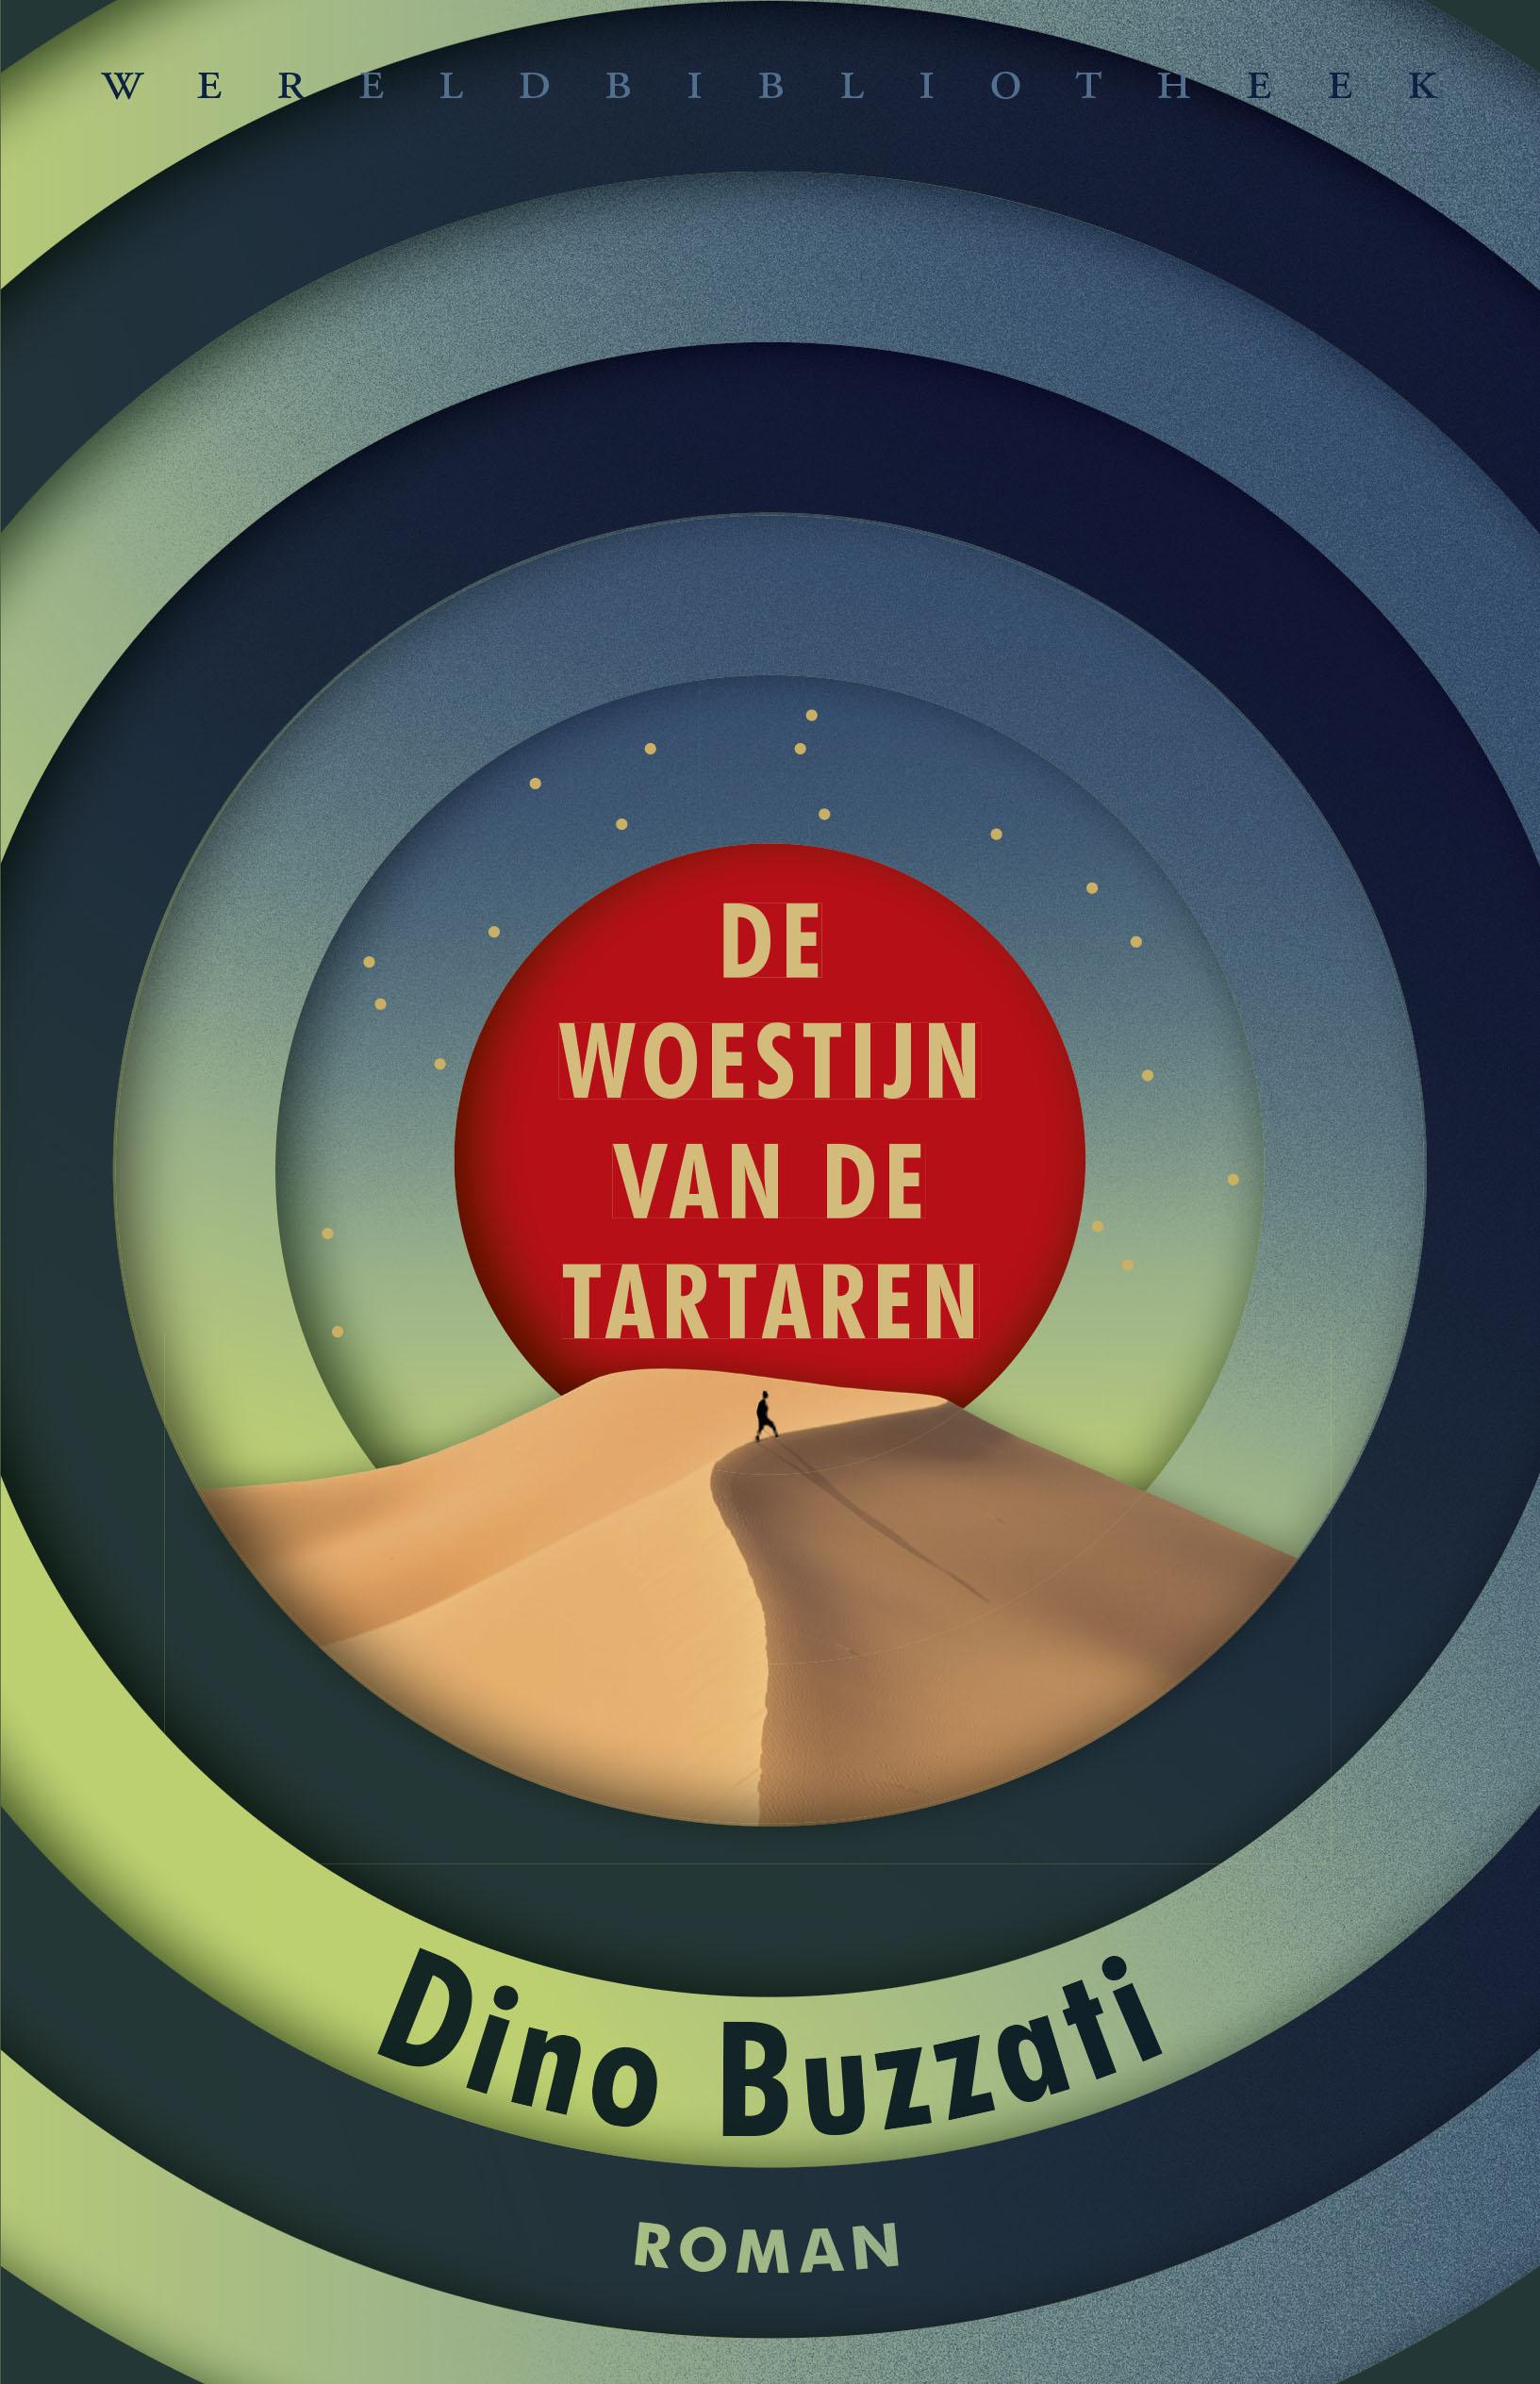 De woestijn van de tartaren - boekenflits.nl